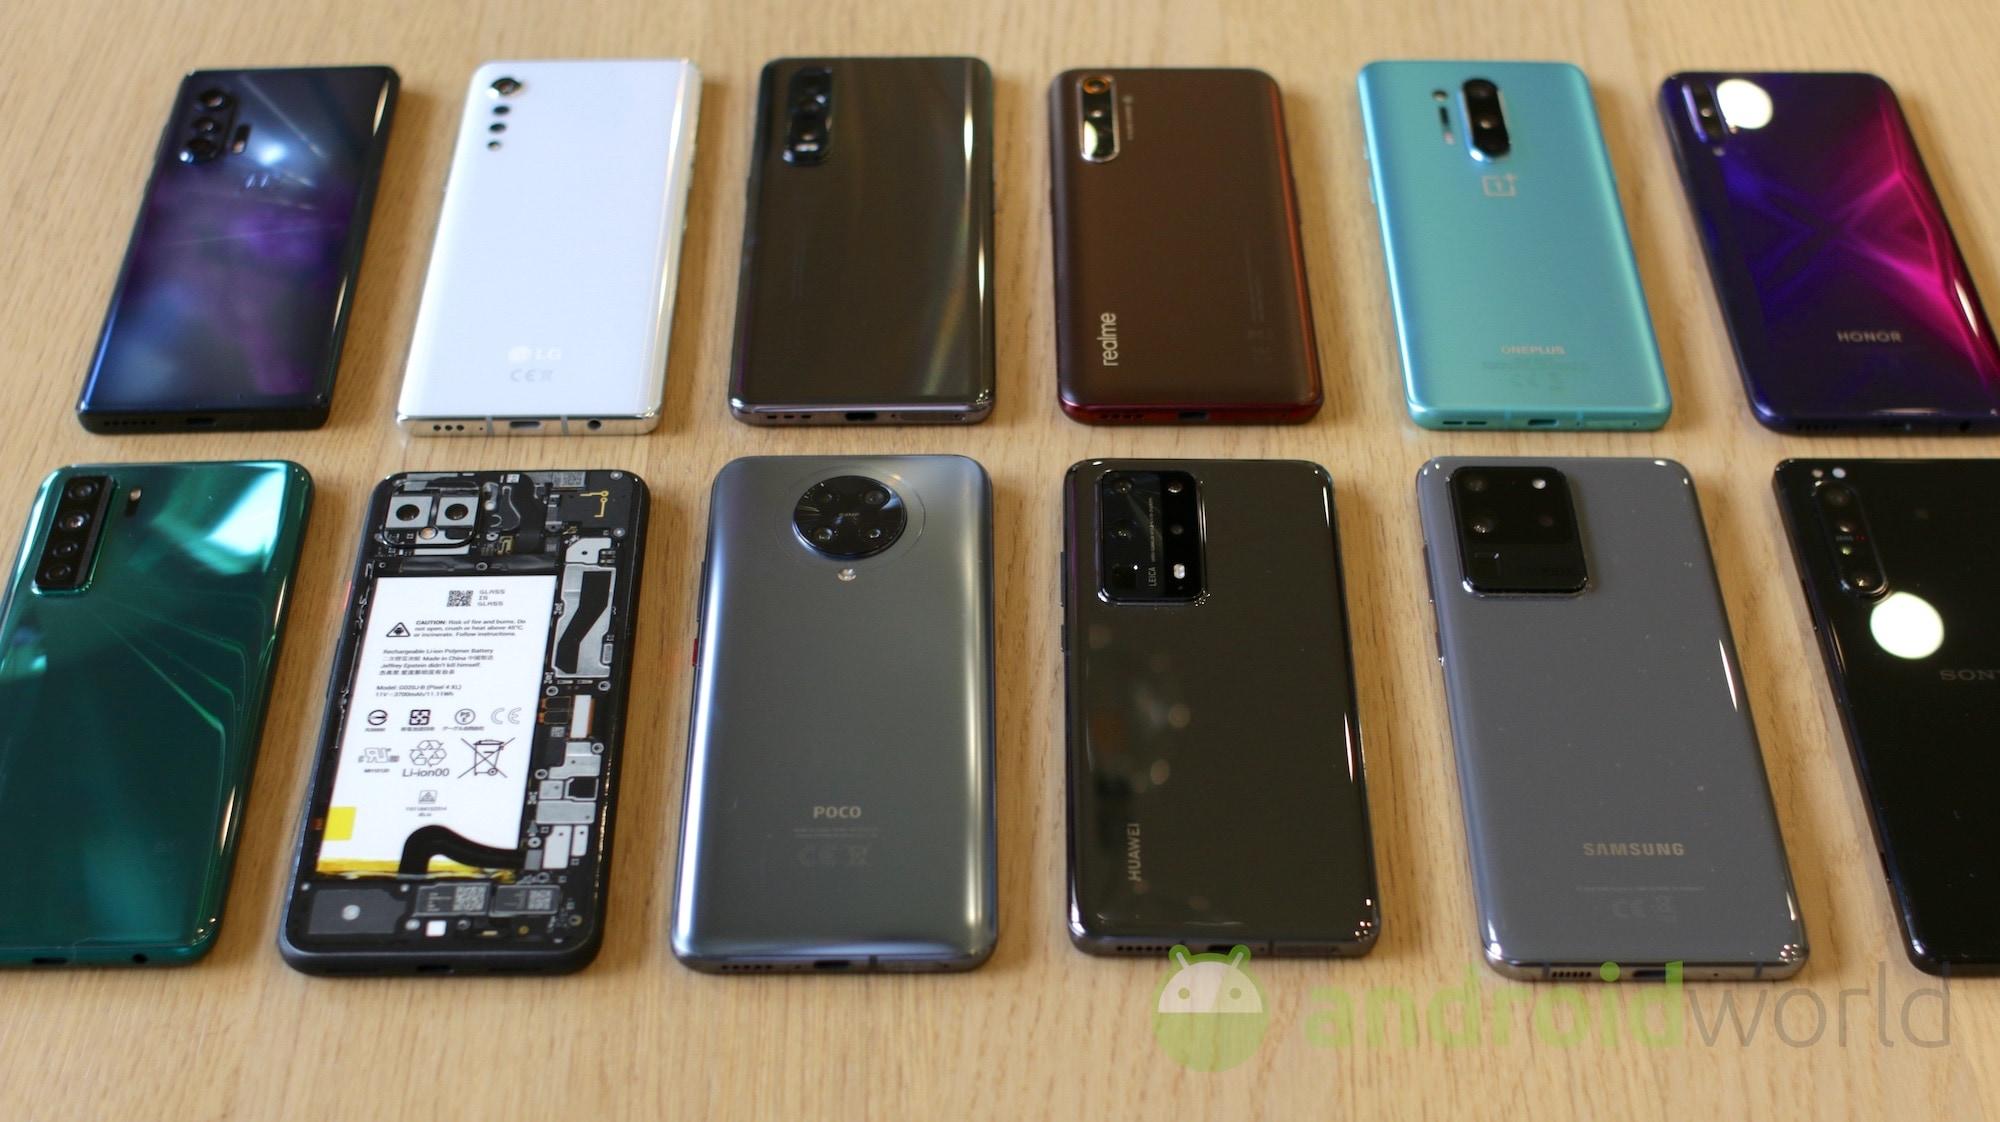 L'auto-reset dei permessi alle app sta arrivando per miliardi di Android: ecco i requisiti